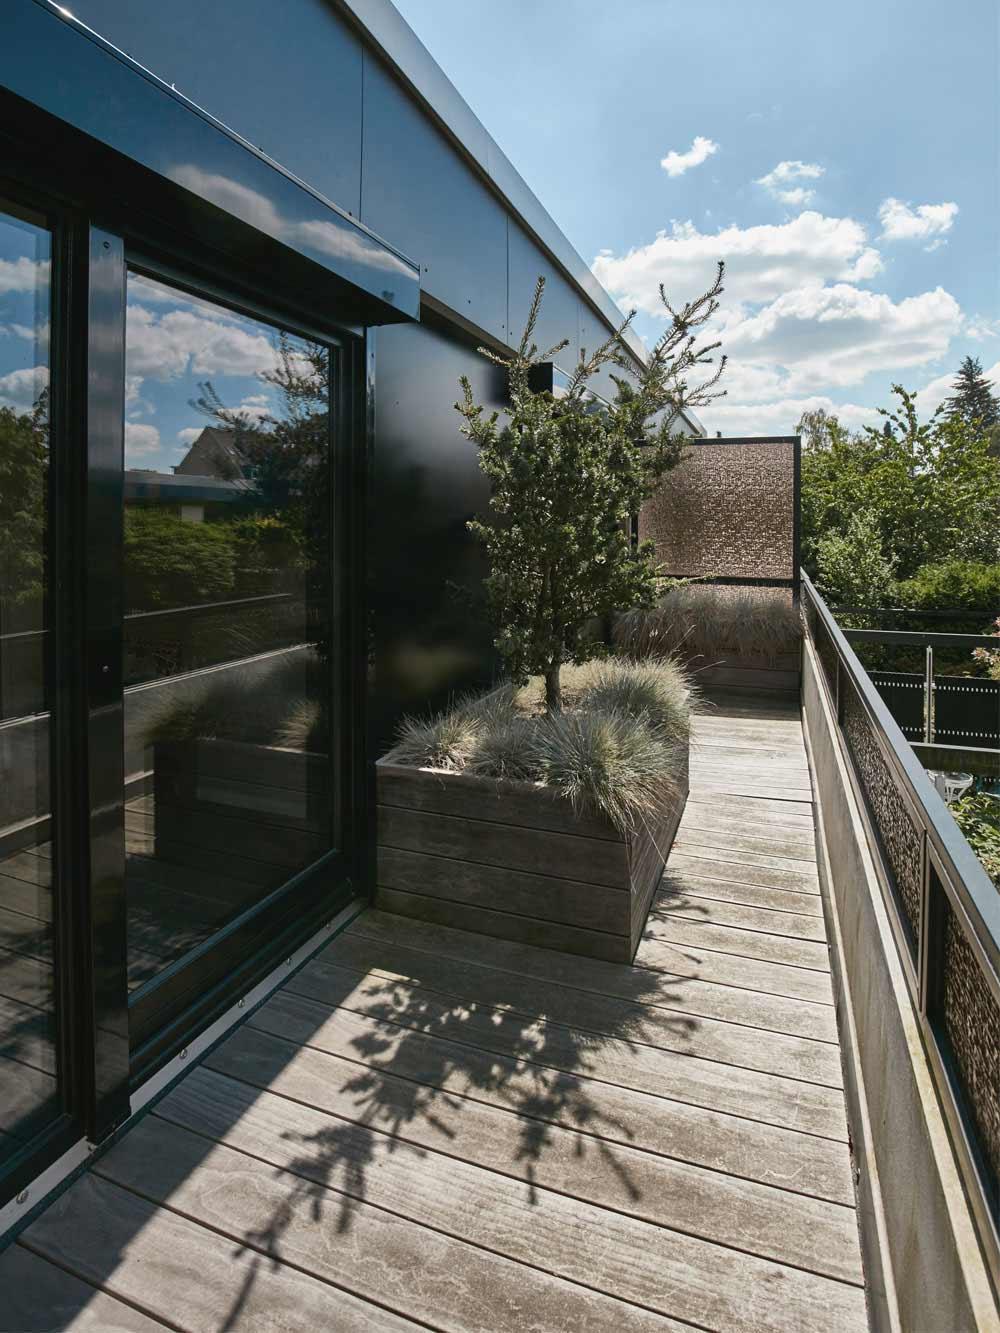 siw matzen wohnbauten. Black Bedroom Furniture Sets. Home Design Ideas